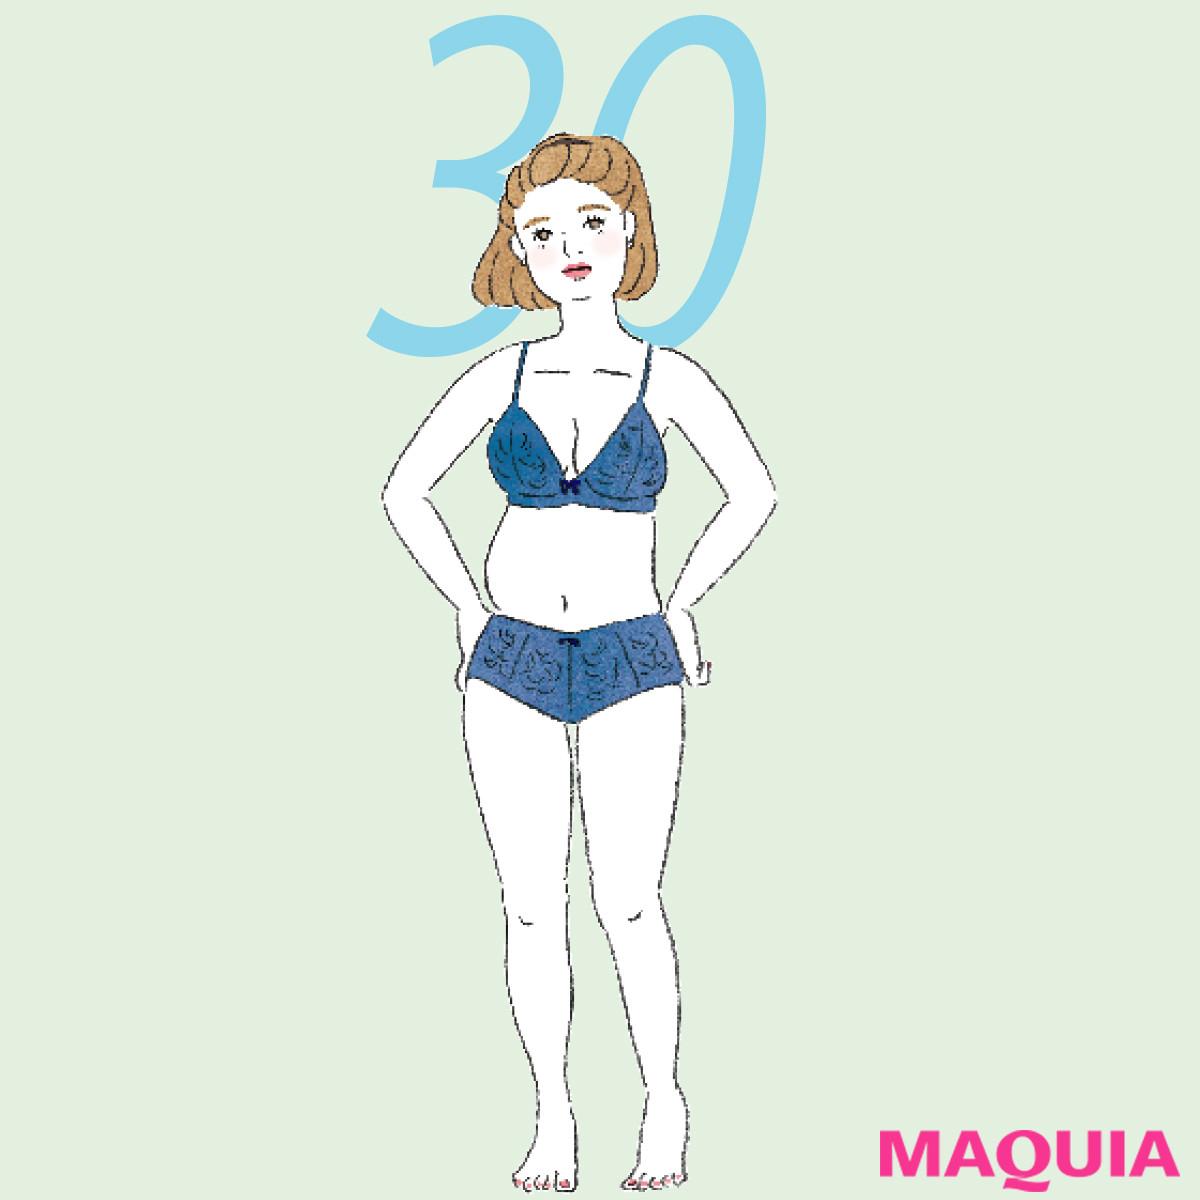 30代がなかなか痩せない理由はコレ! アラサーの太り方の特徴&対処法